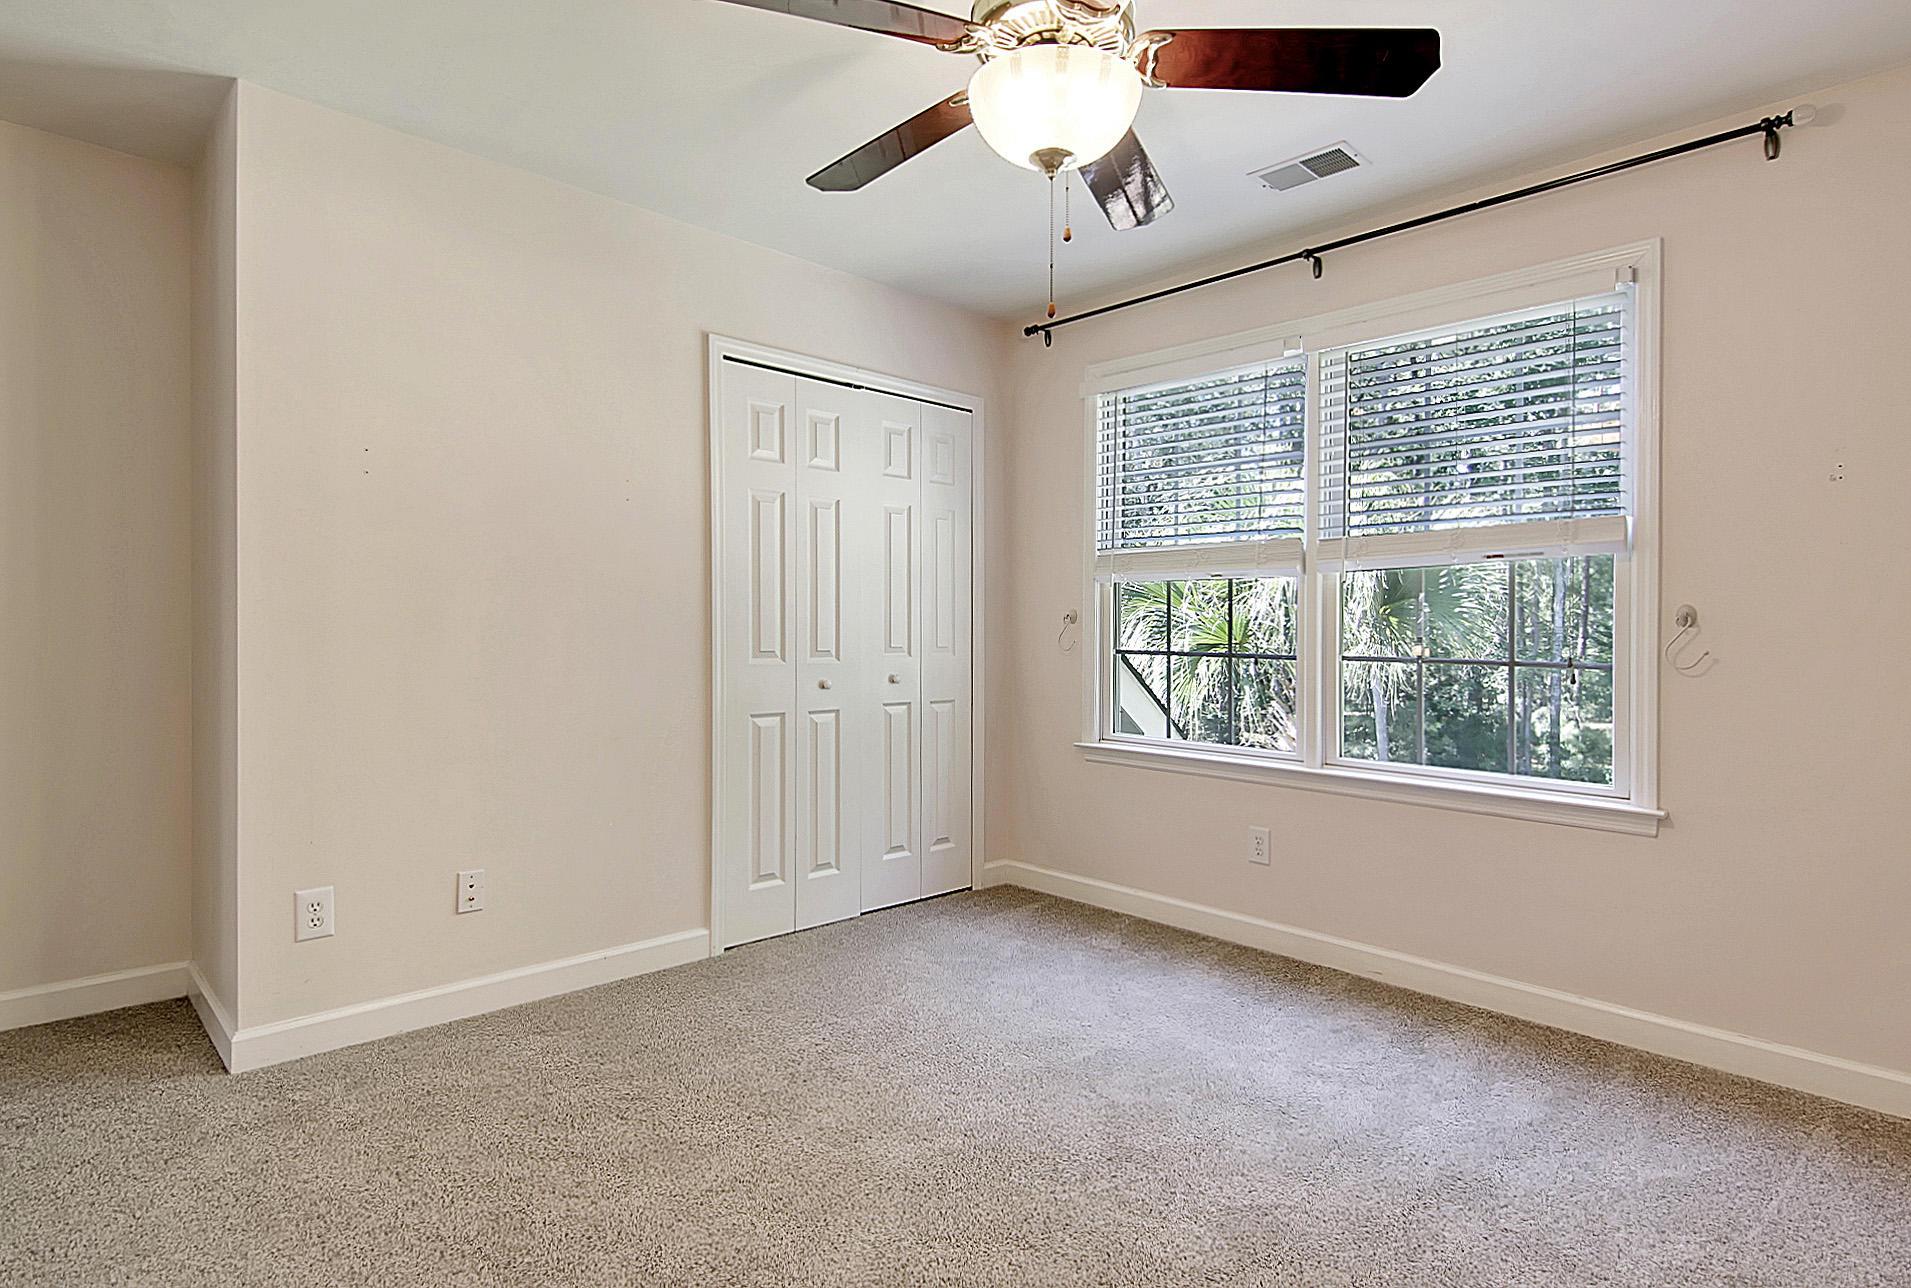 Dunes West Homes For Sale - 2236 Black Oak, Mount Pleasant, SC - 29